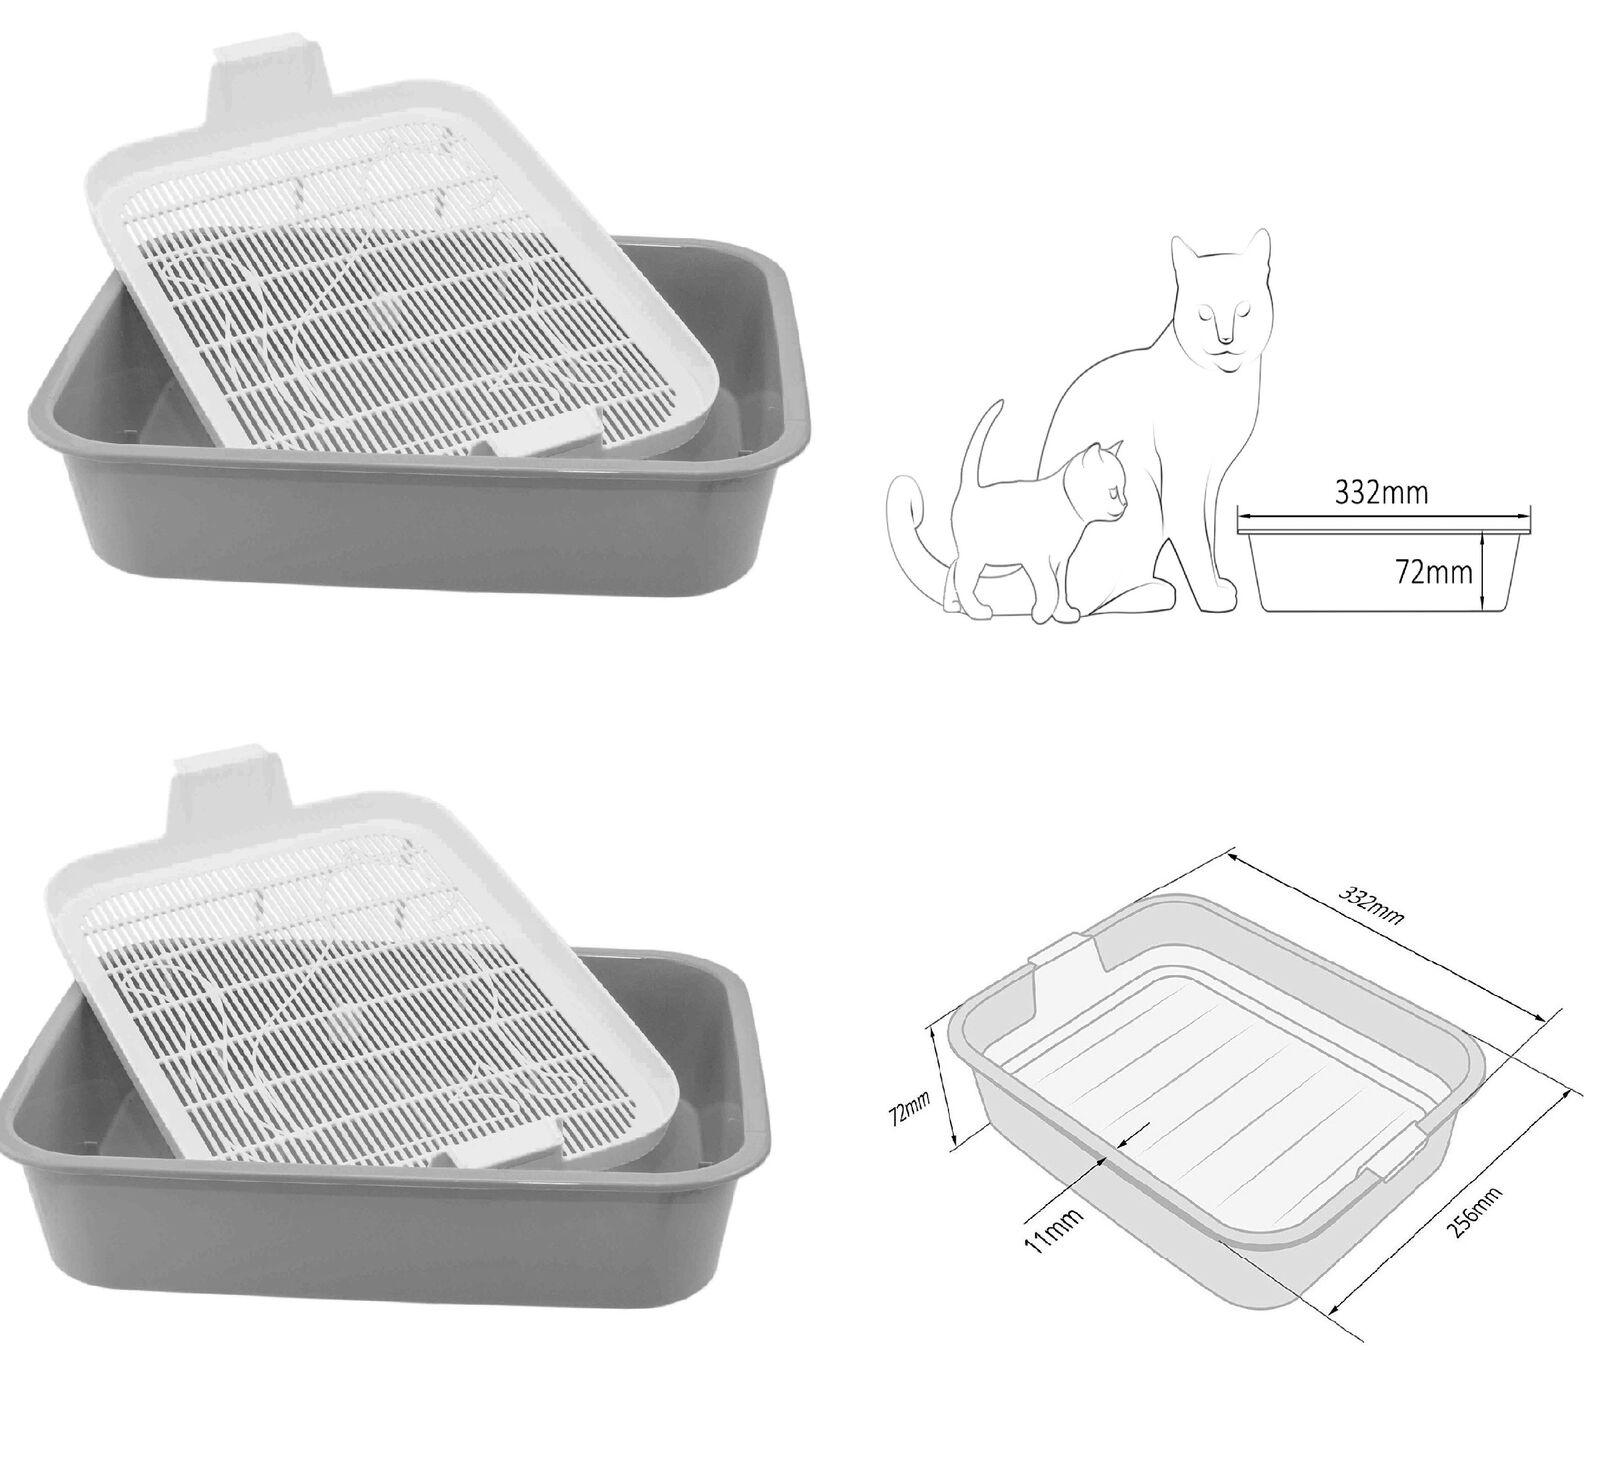 2x juego de bandejas de basura Bandeja recipiente de arena caja de arena gatitos